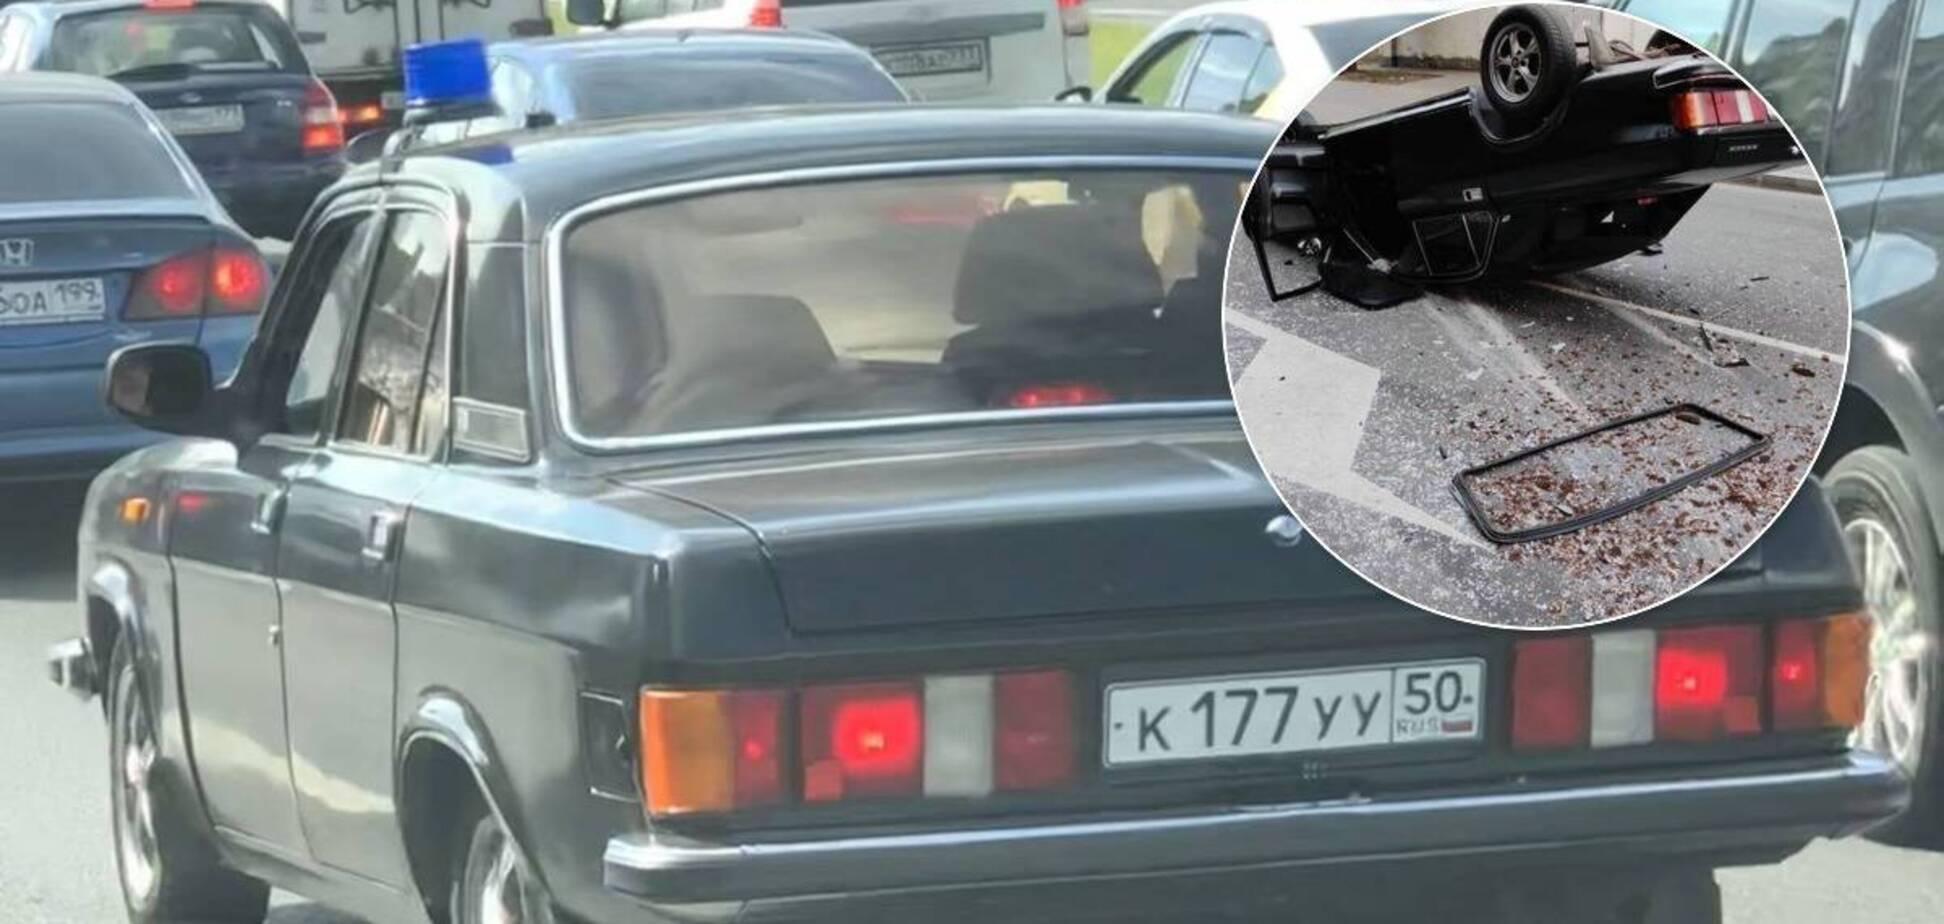 П'яні школярки вкрали авто і розбили кілька машин. Фото: drom.ru